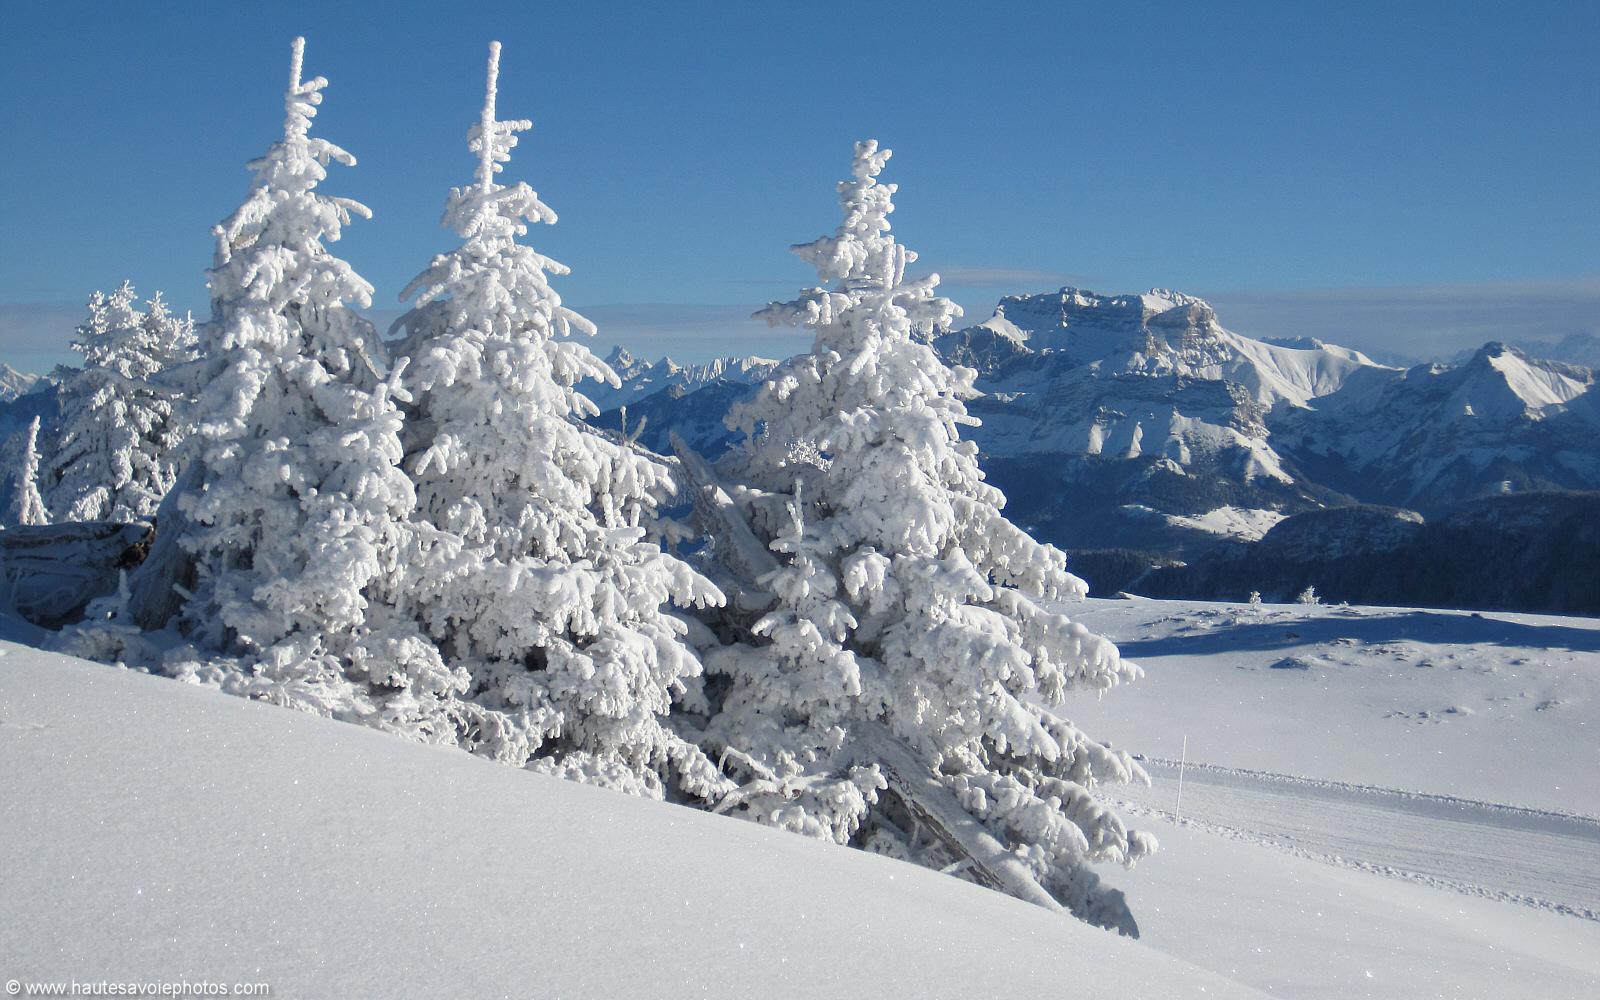 fond d 39 cran en 1600x1000 d 39 un paysage avec des sapins et la tournette sous la neige 12 c en. Black Bedroom Furniture Sets. Home Design Ideas